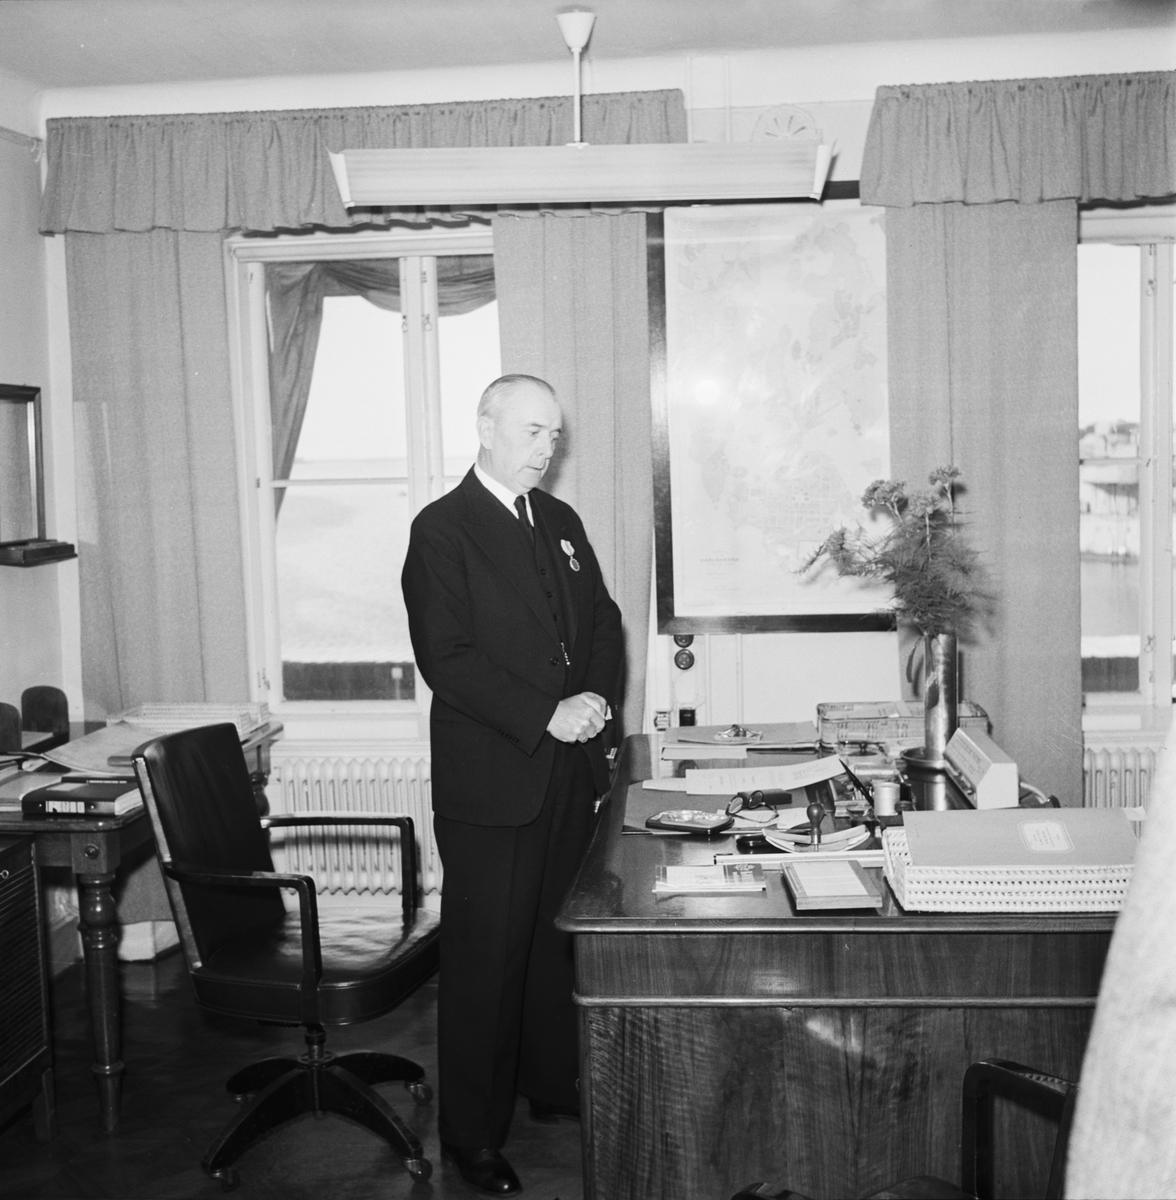 Övrigt: Foto datum: 30/6 1951 Byggnader och kranar Verkstads Direktör Holmberg av ur tjänst